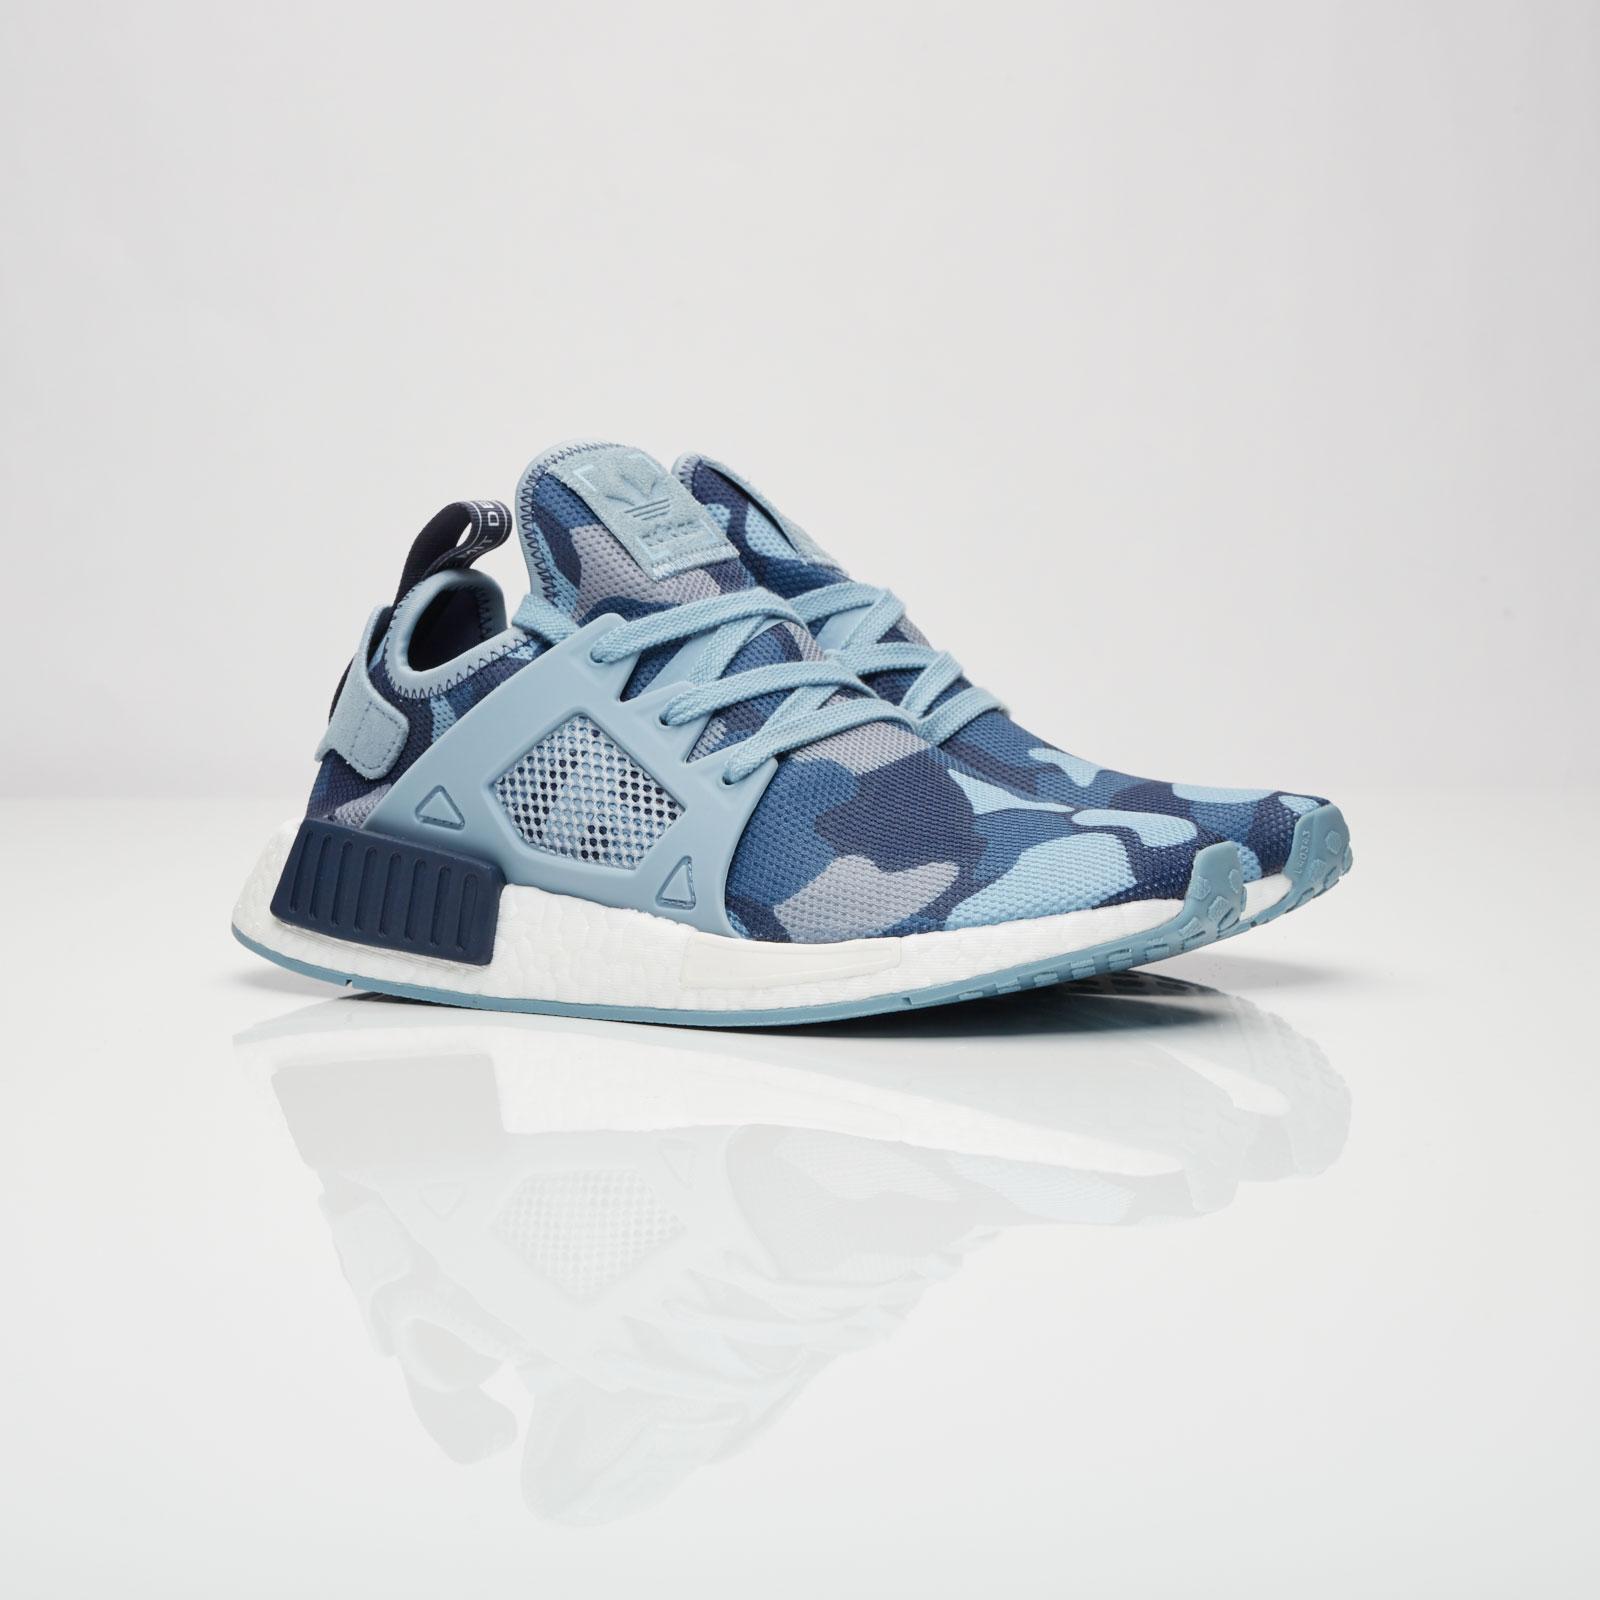 10effa262 adidas NMD XR1 W - Ba7754 - Sneakersnstuff